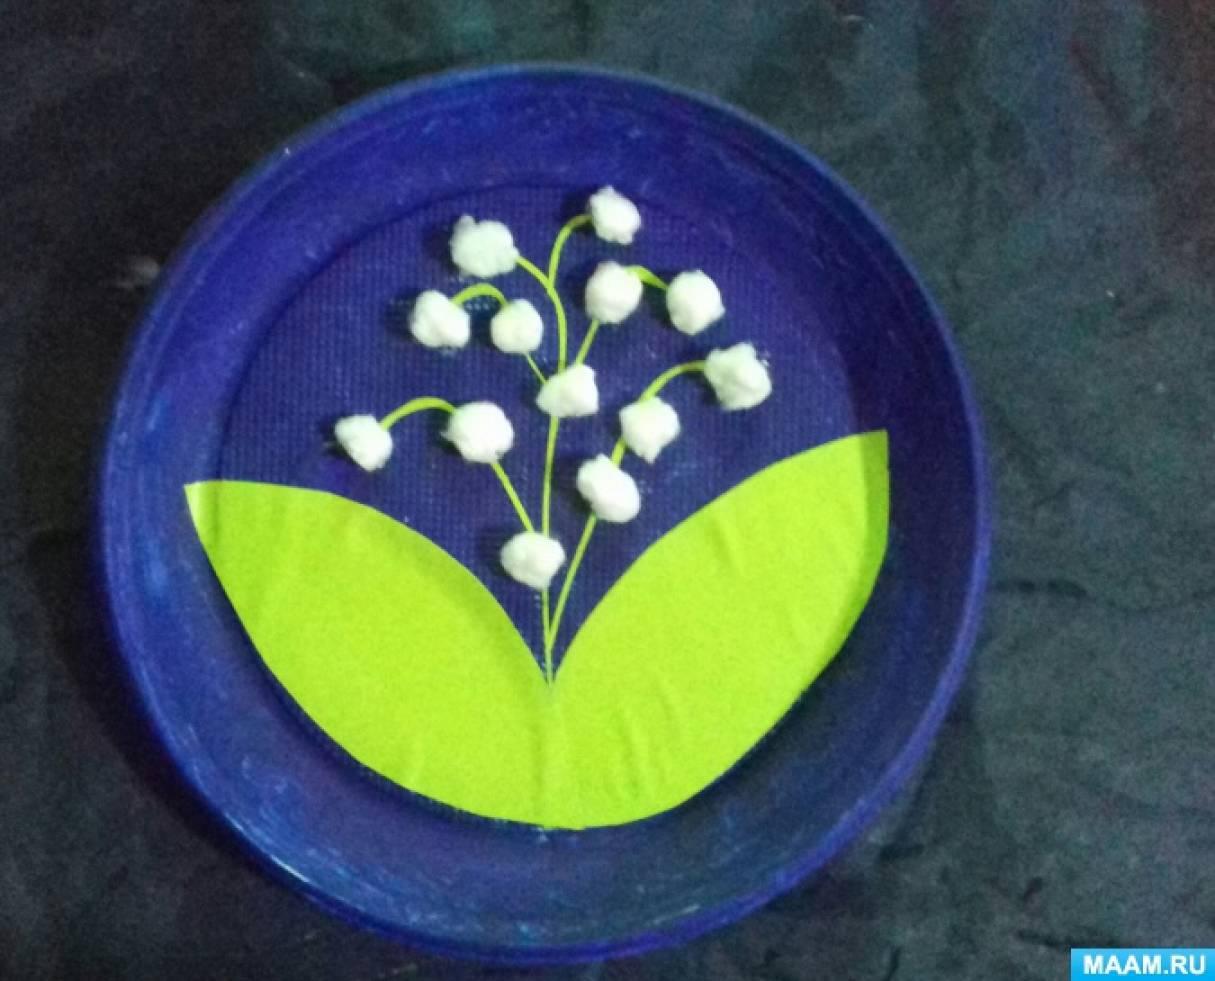 Мастер-класс по изготовлению панно на тарелочке «Ландыши»